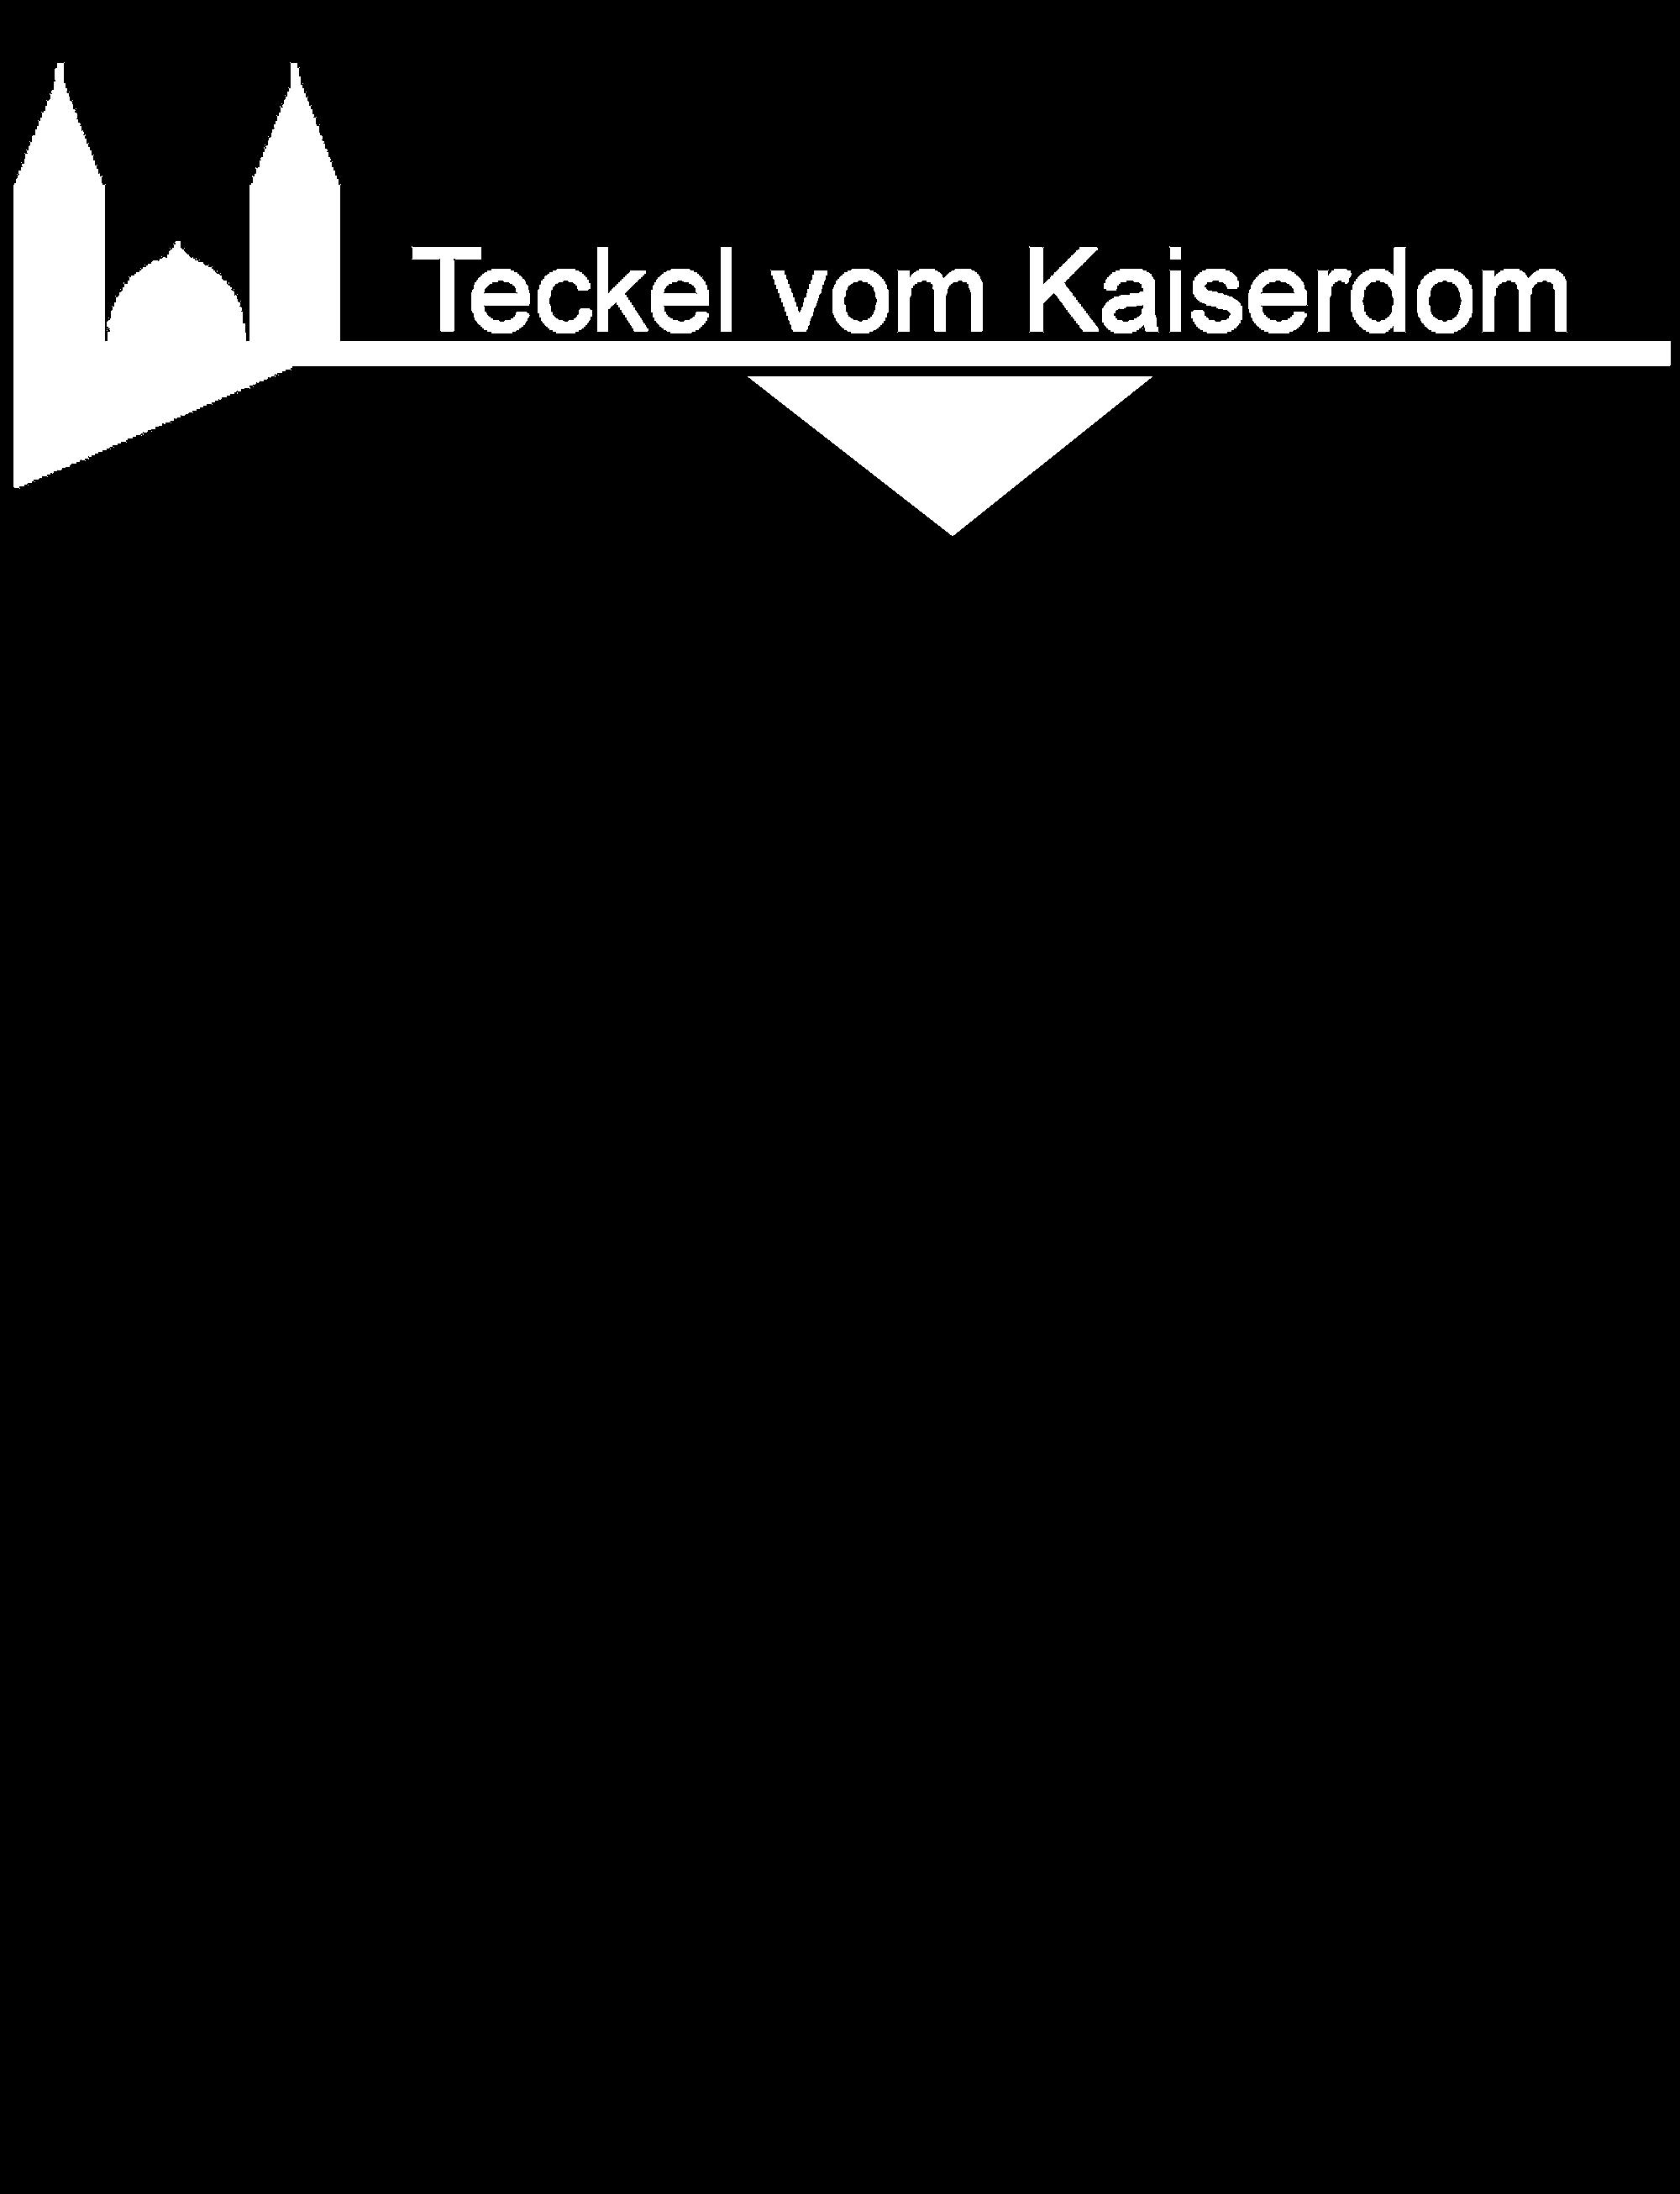 Teckel vom Kaiserdom